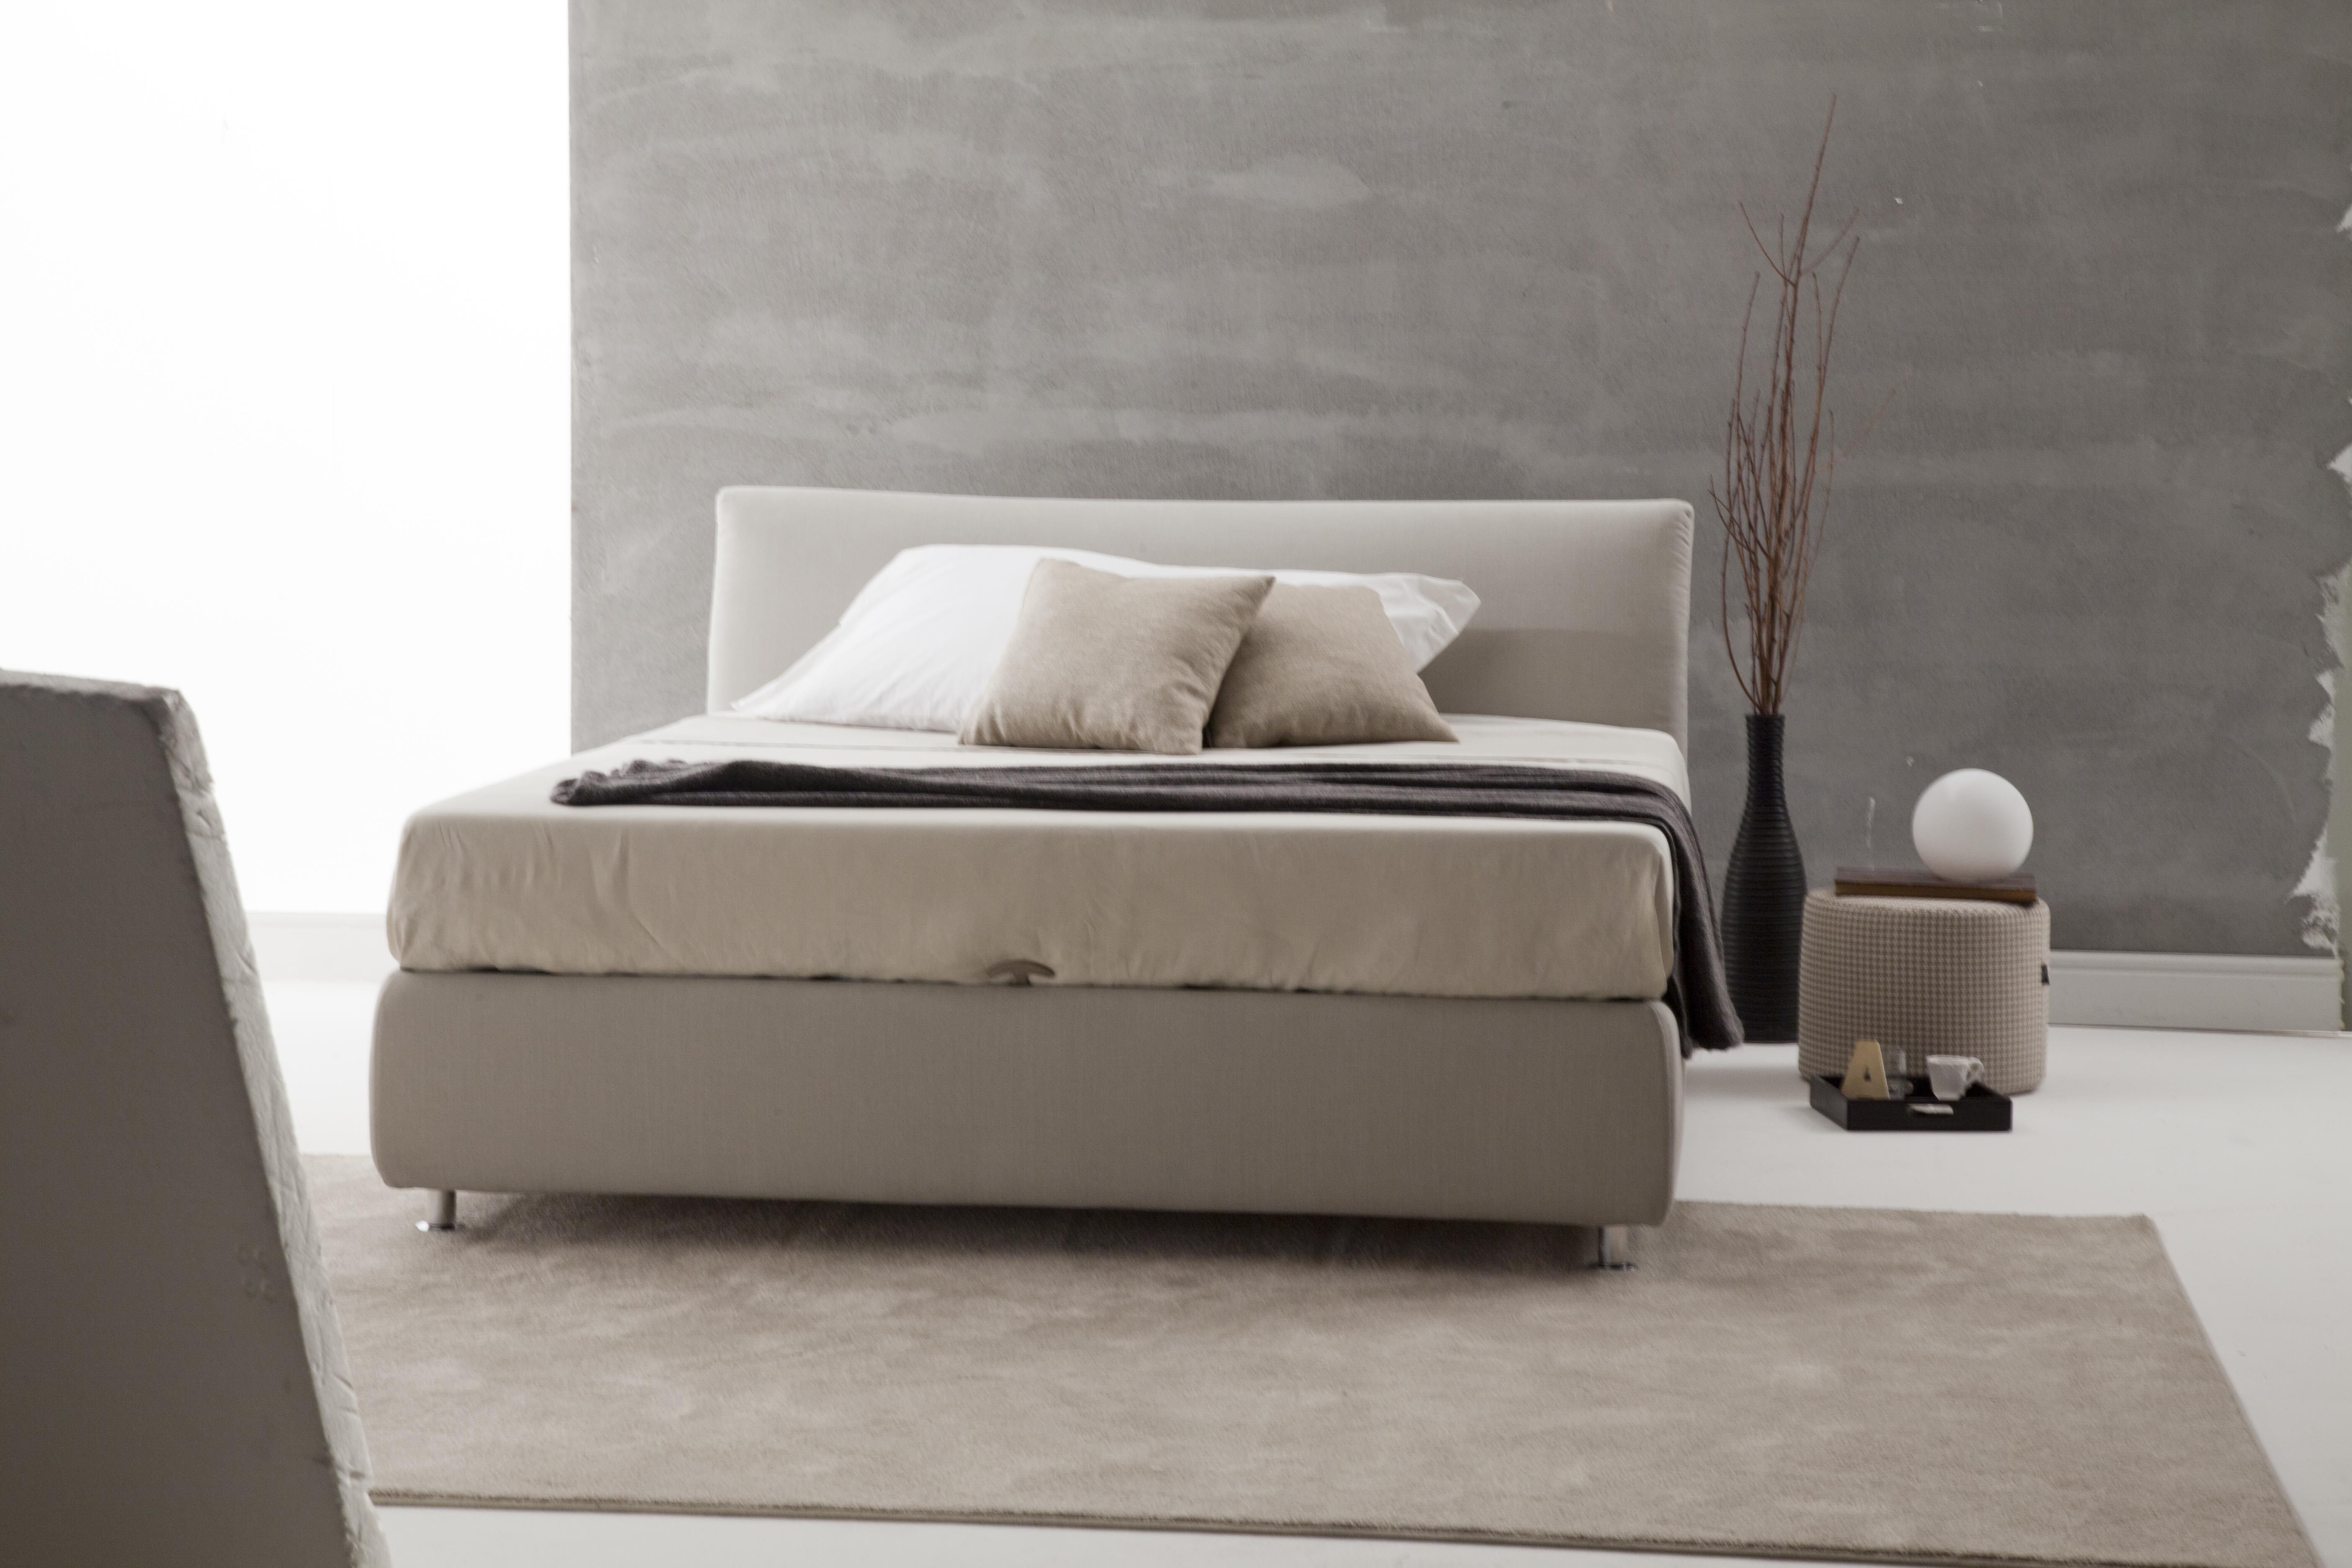 Letto contenitore in tessuto sfoderabile letto contenitore design storage bed design - Letto contenitore design ...